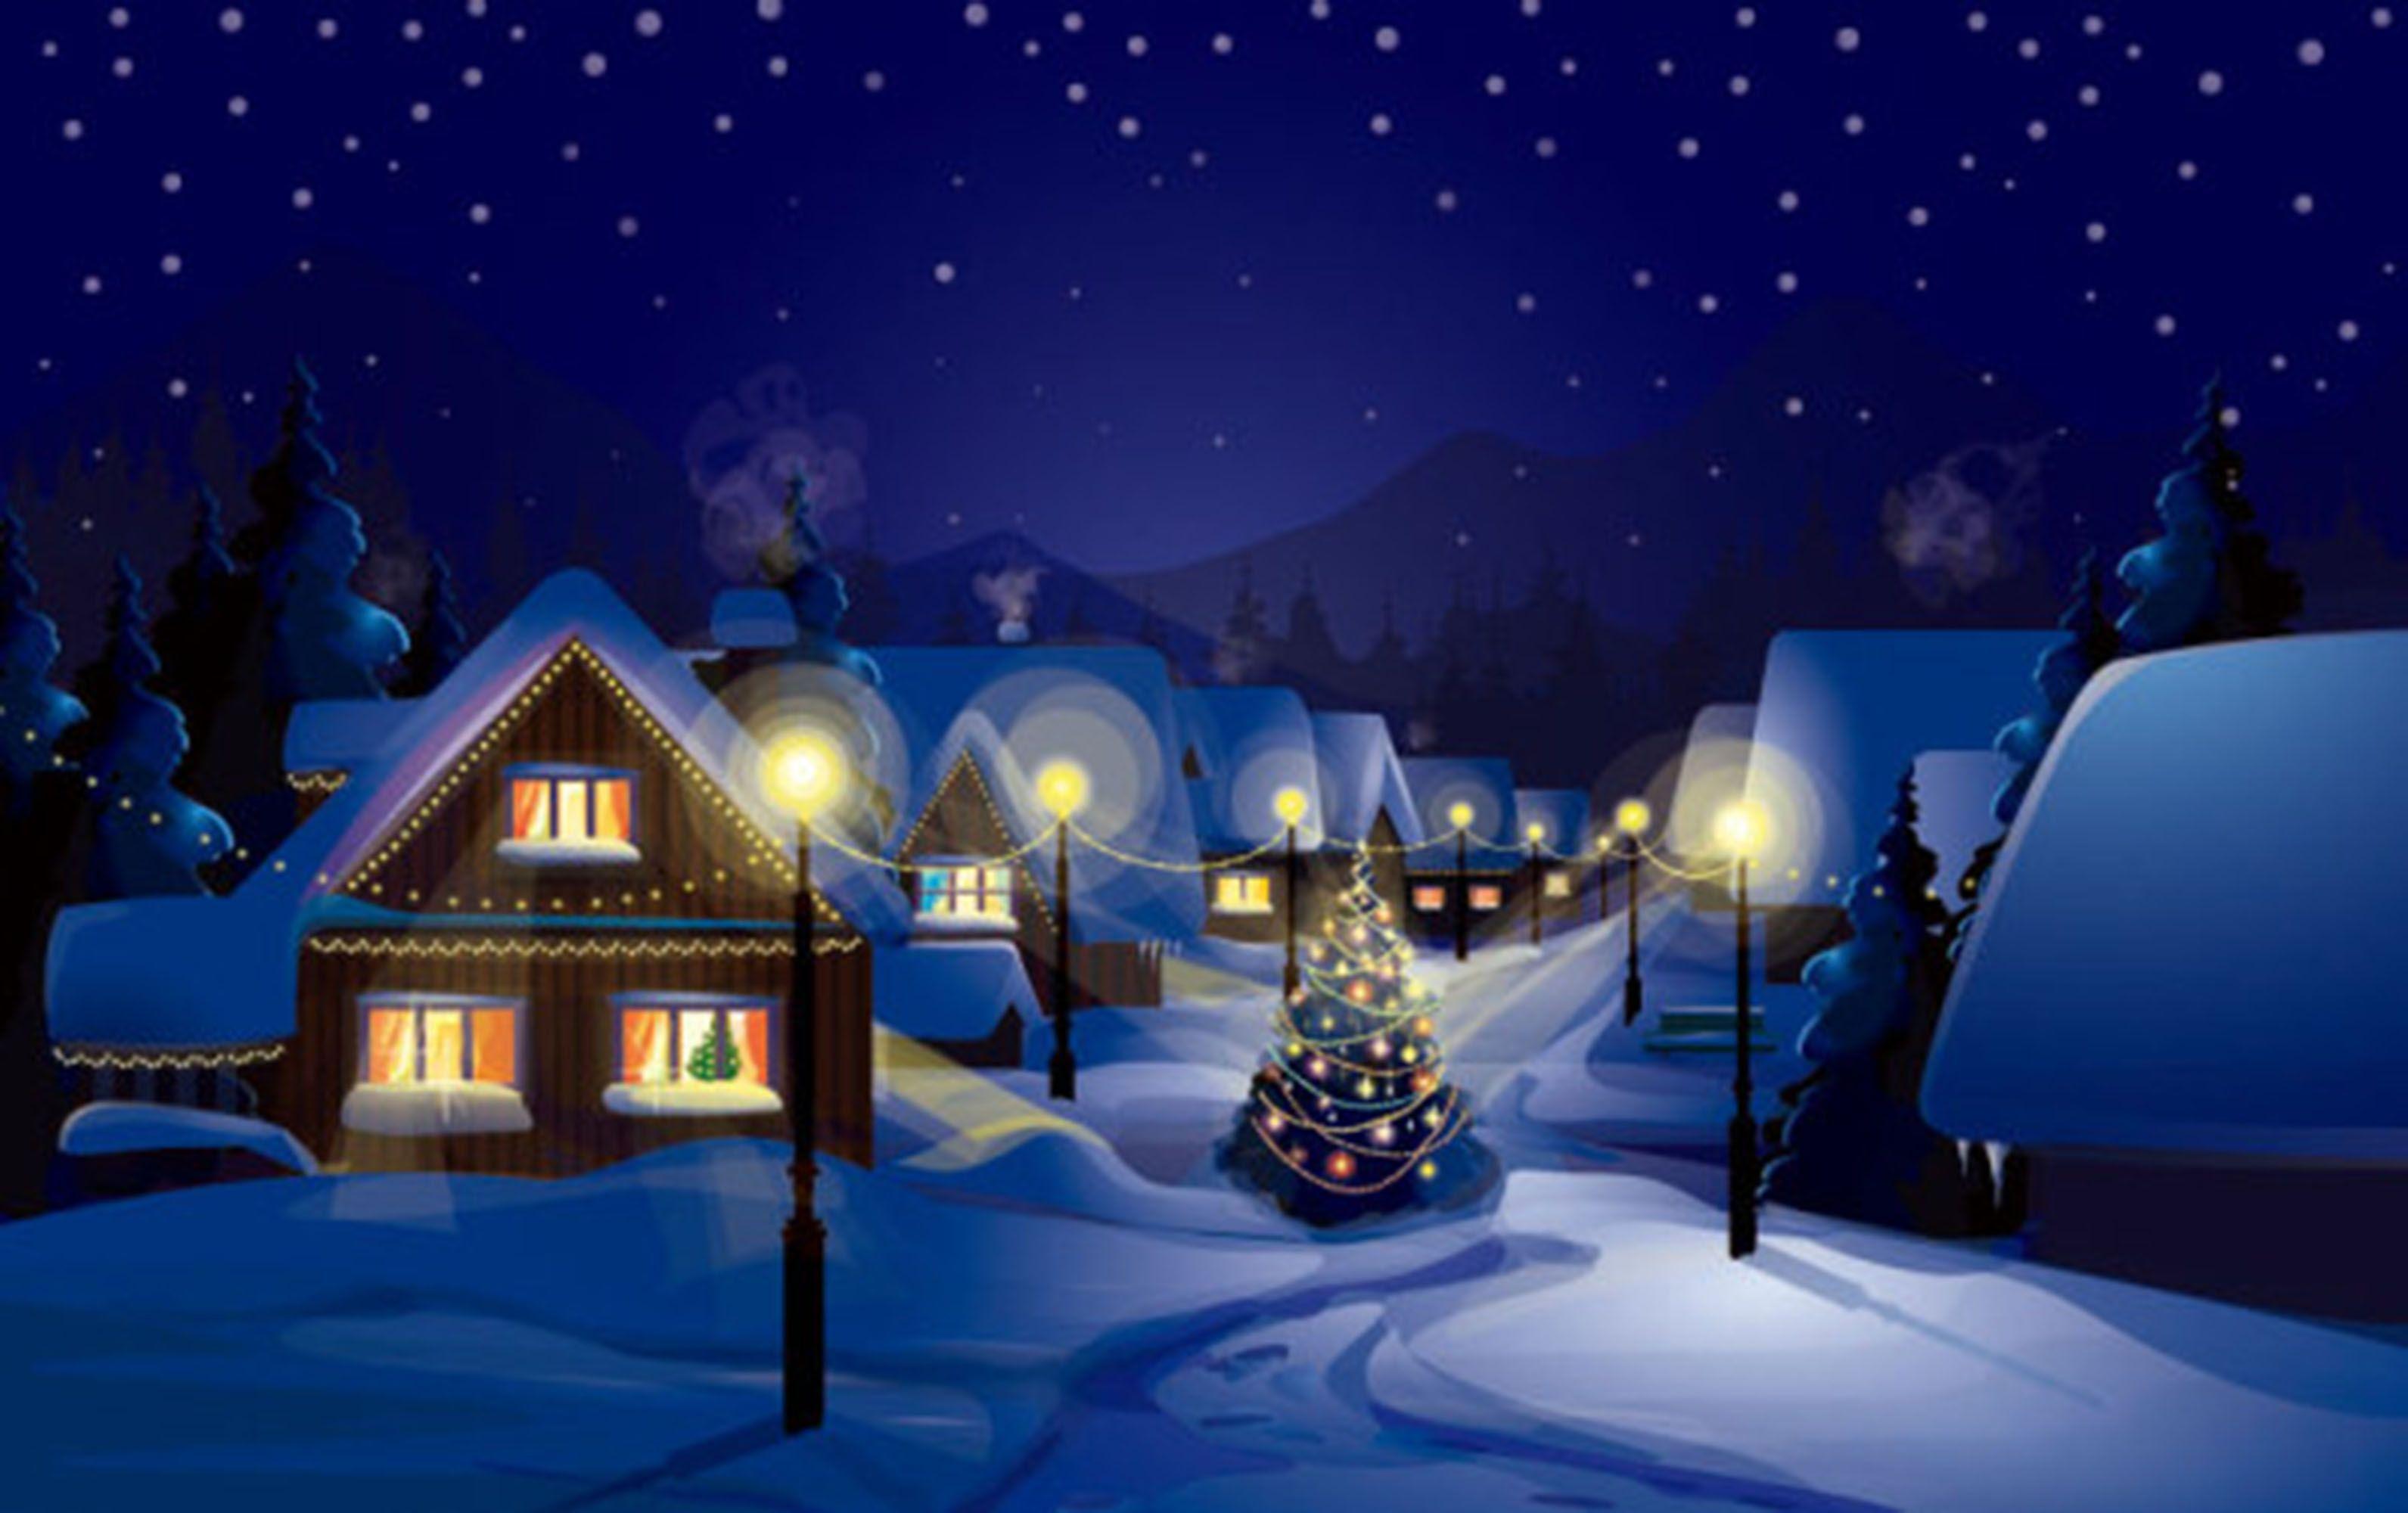 Foto Con La Neve Di Natale.Di Notte La Neve L Albero Di Natale La Capanna Le Luci Anime Caldo Romantico Sogno Blu Immagini Di Natale Immagini Di Sfondo Natale Moderno